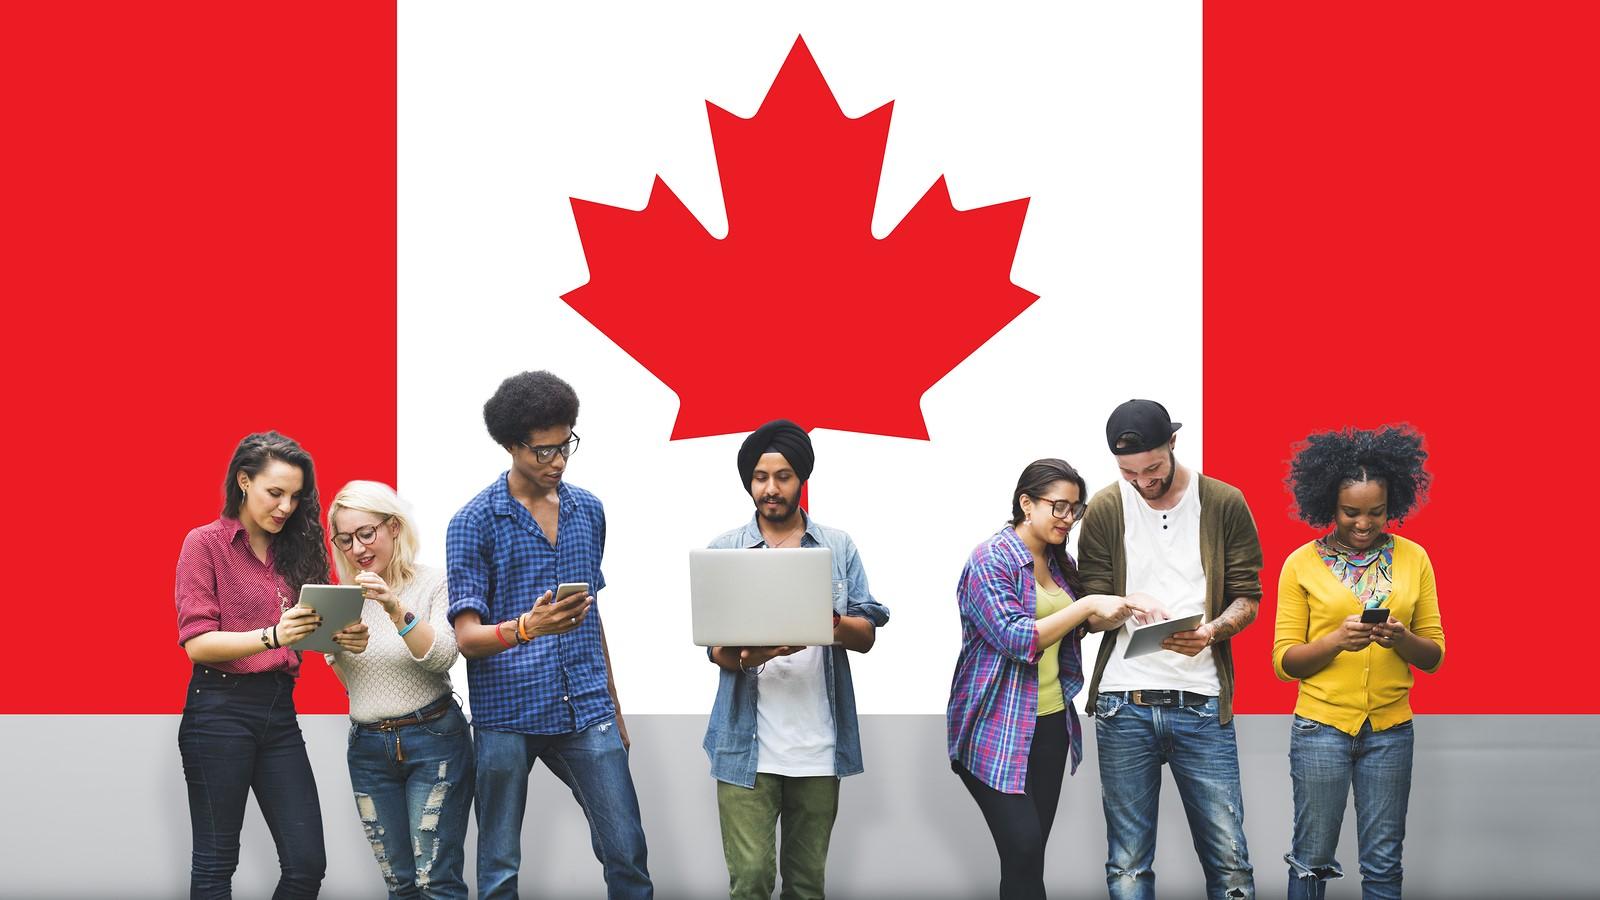 canada study permit application, canada study visa, canada study permit requirements, canada study visa process. study permit canada, student permit canada, apply for study permit canada